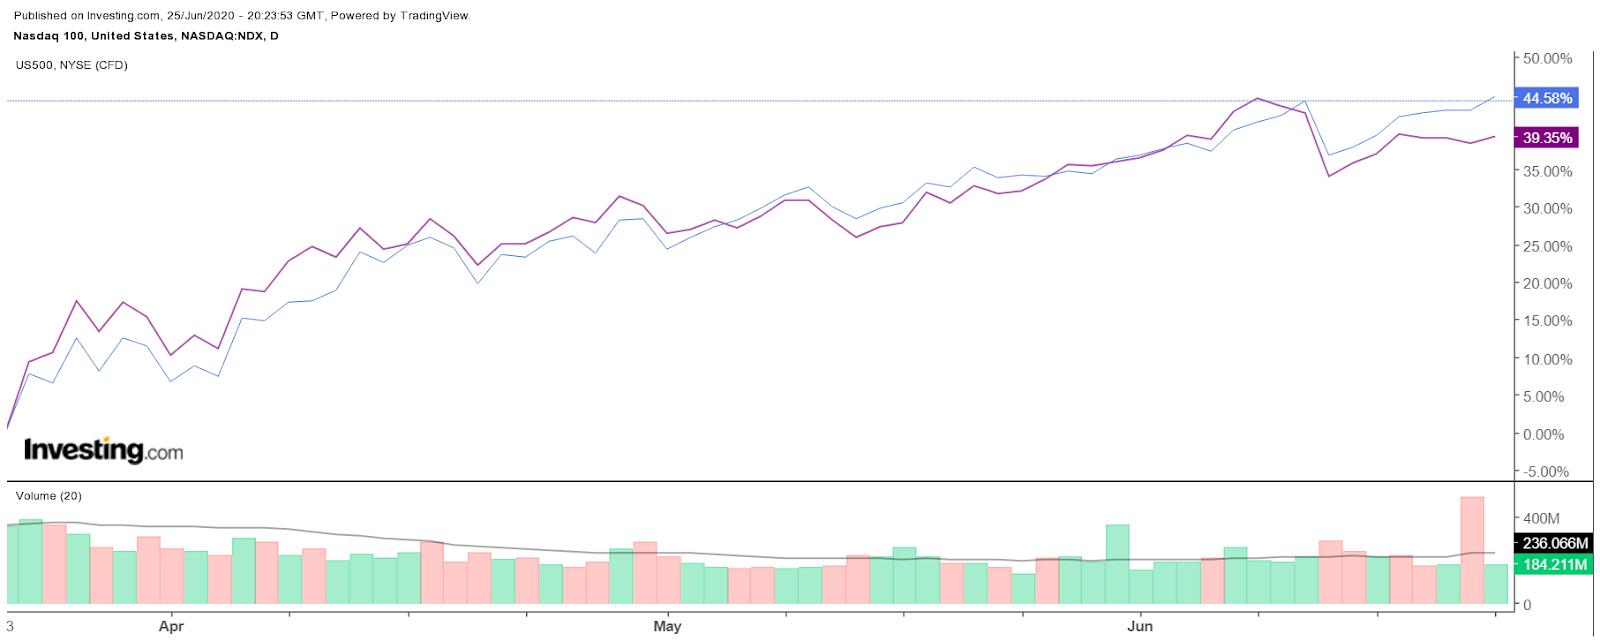 NASDAQ 100 - Graphique journalier